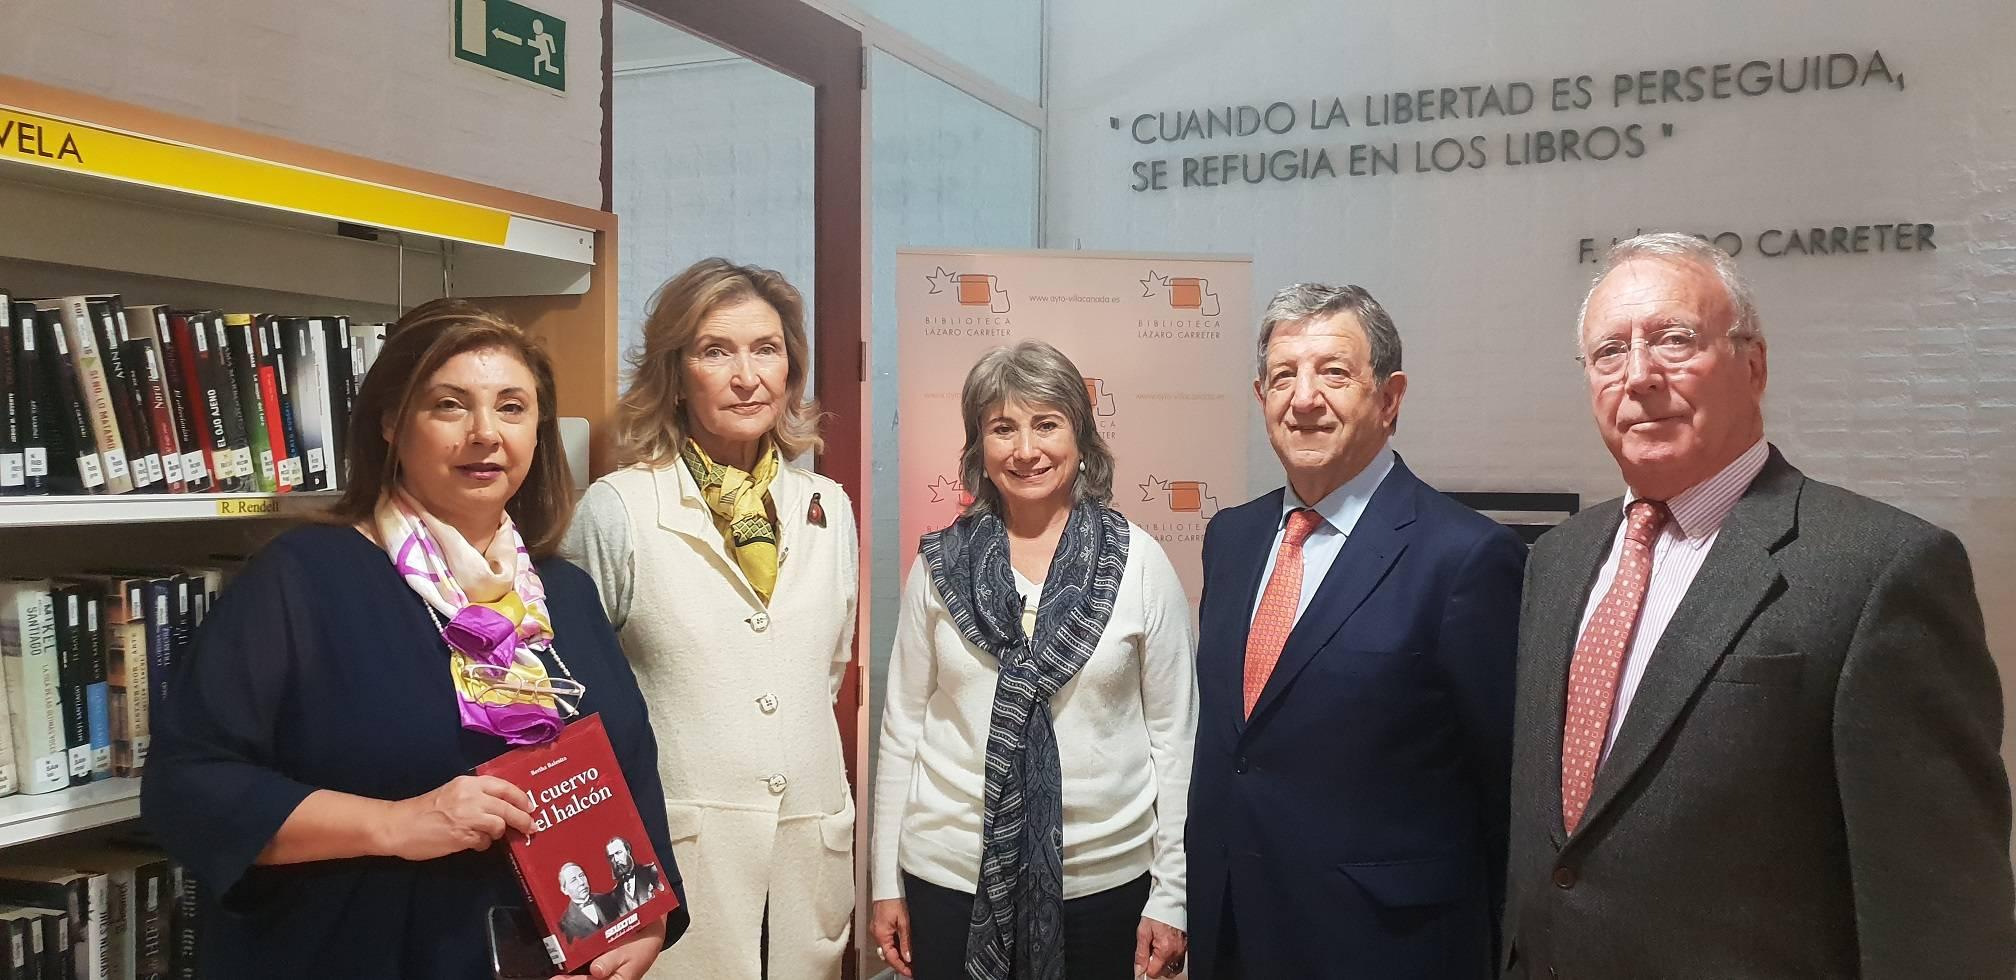 El alcalde y el concejal de Hermanamientos junto a la escritora y responsables de la ACH.